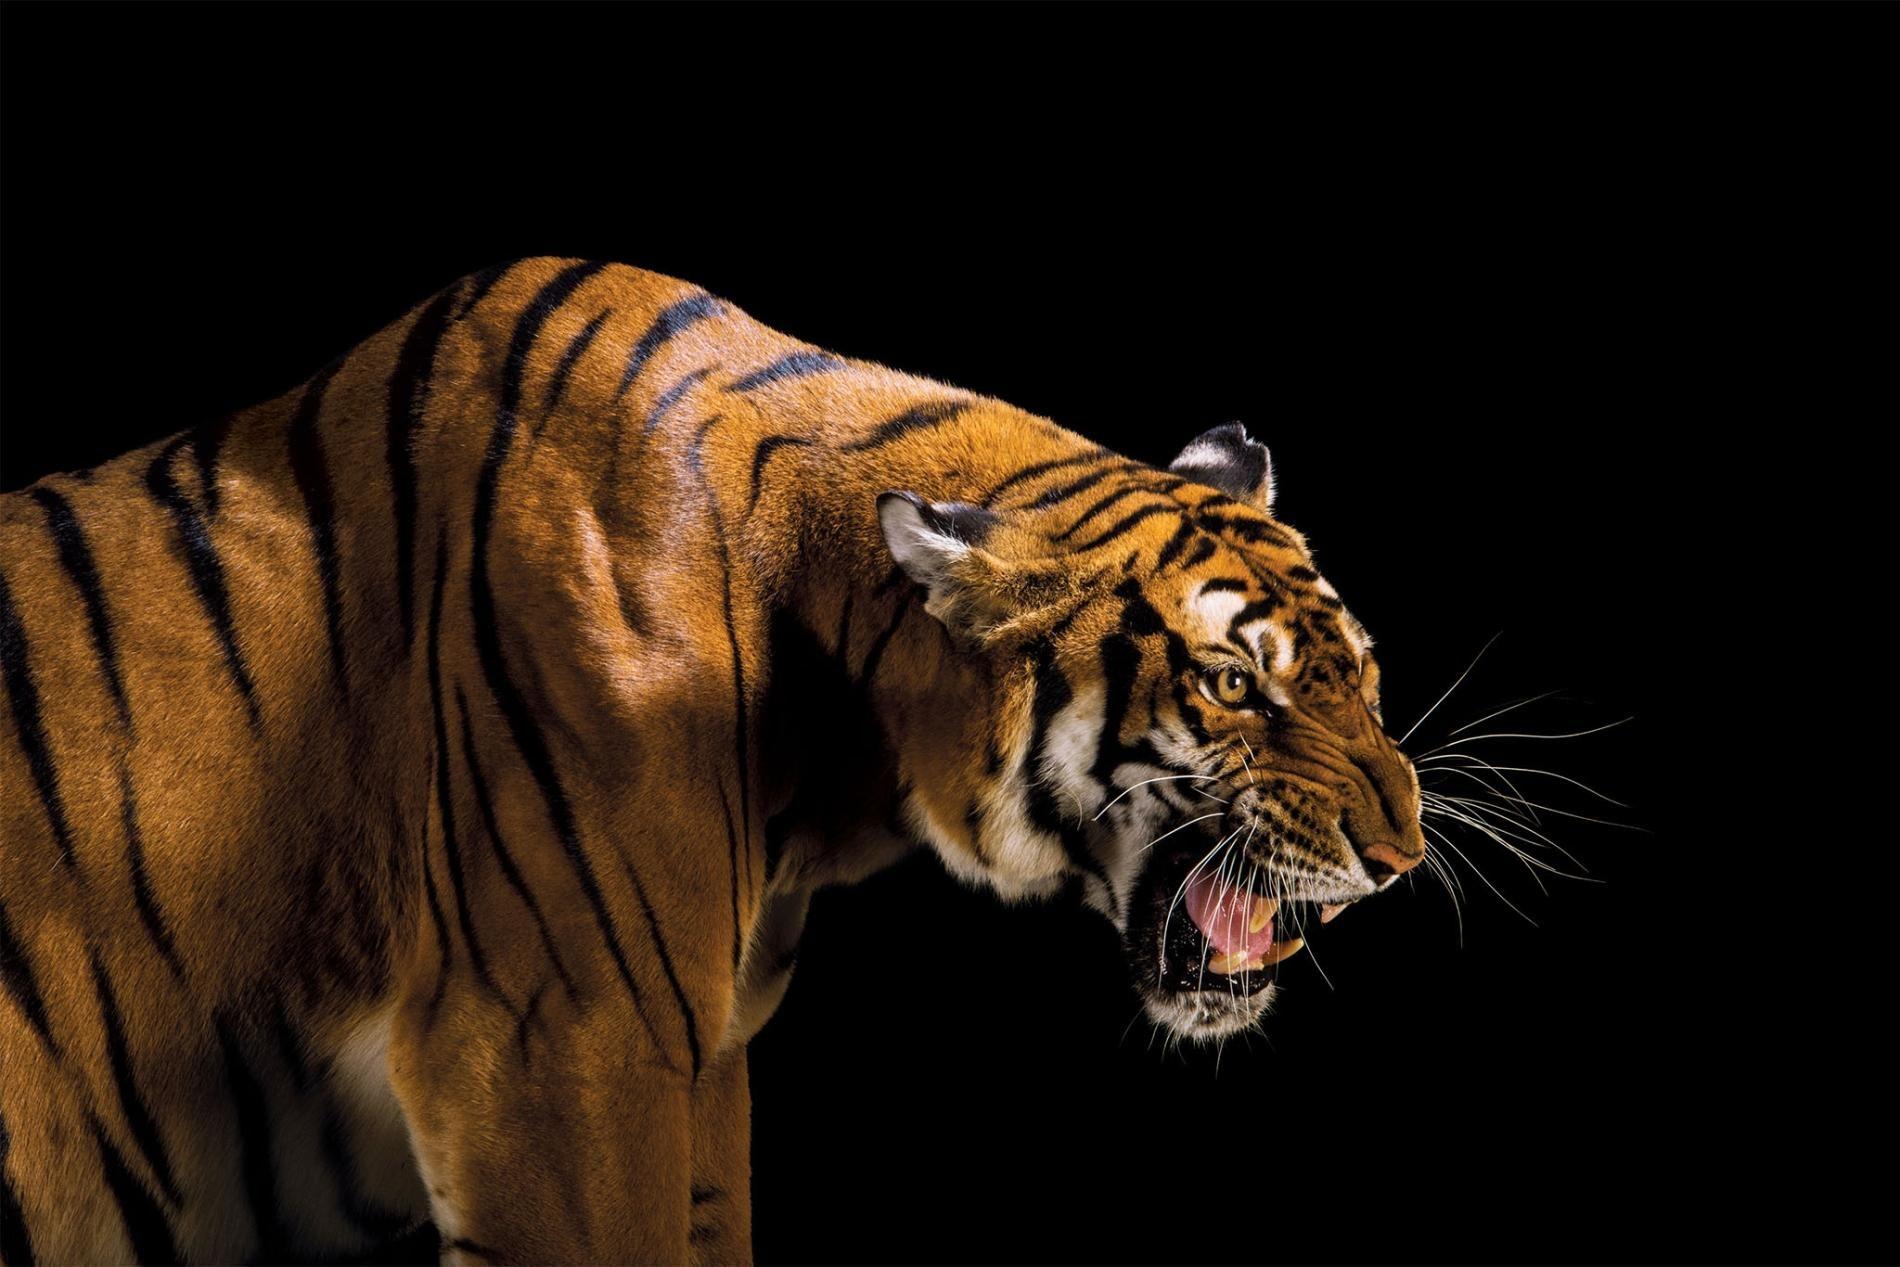 What we lose when animals go extinct Animals, Endangered